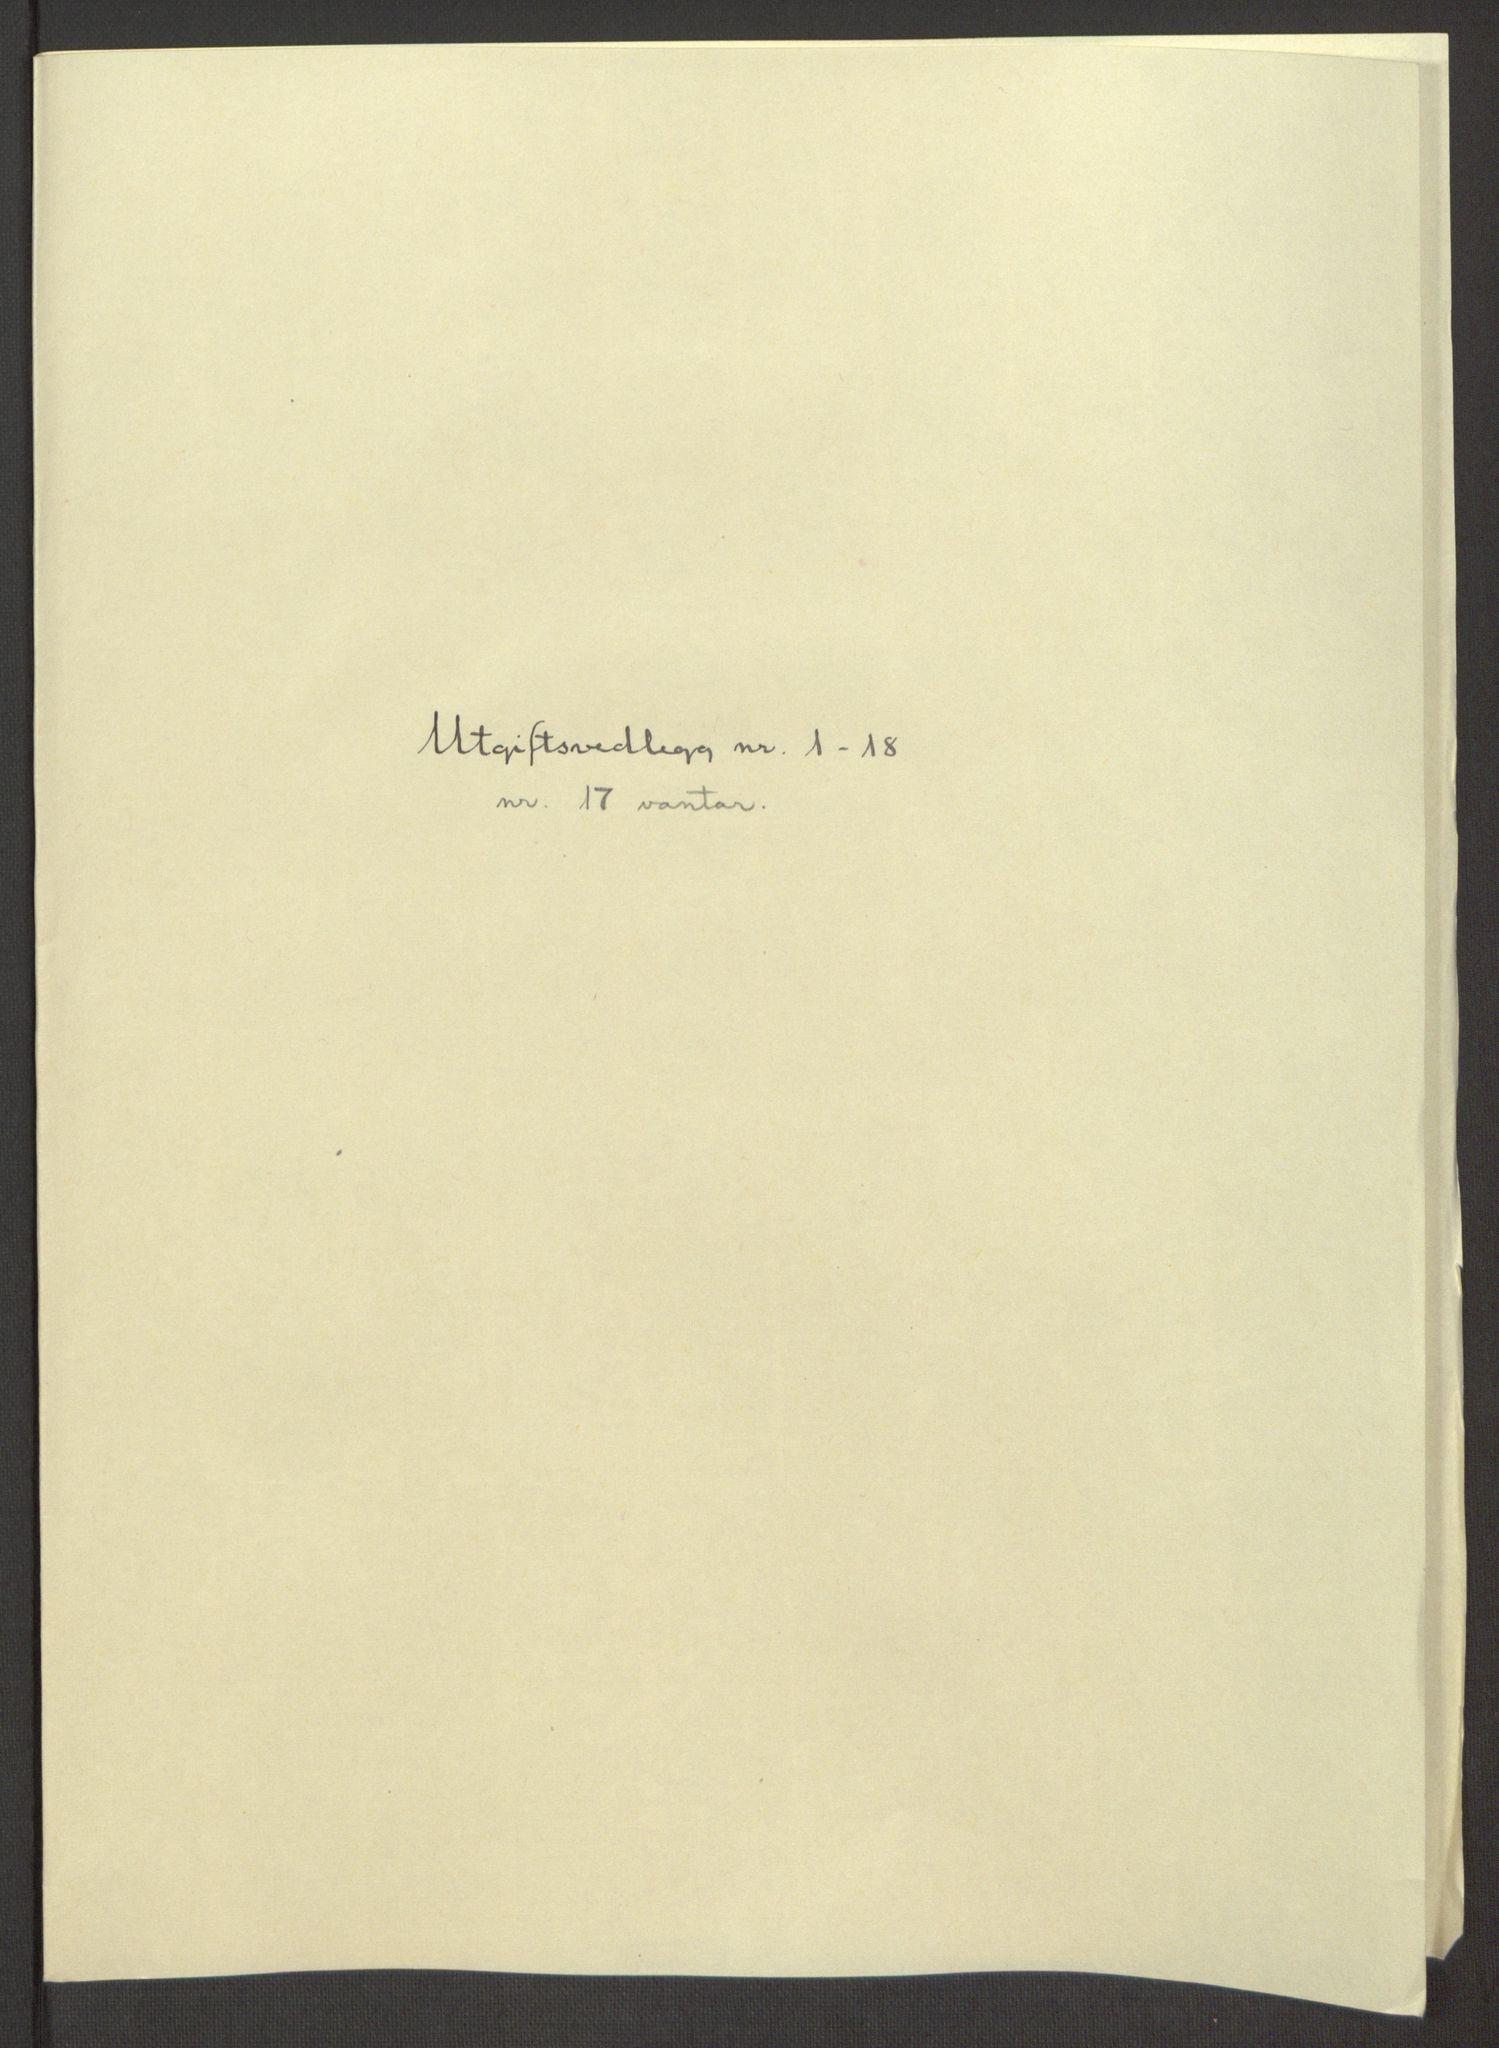 RA, Rentekammeret inntil 1814, Reviderte regnskaper, Fogderegnskap, R64/L4424: Fogderegnskap Namdal, 1692-1695, s. 131